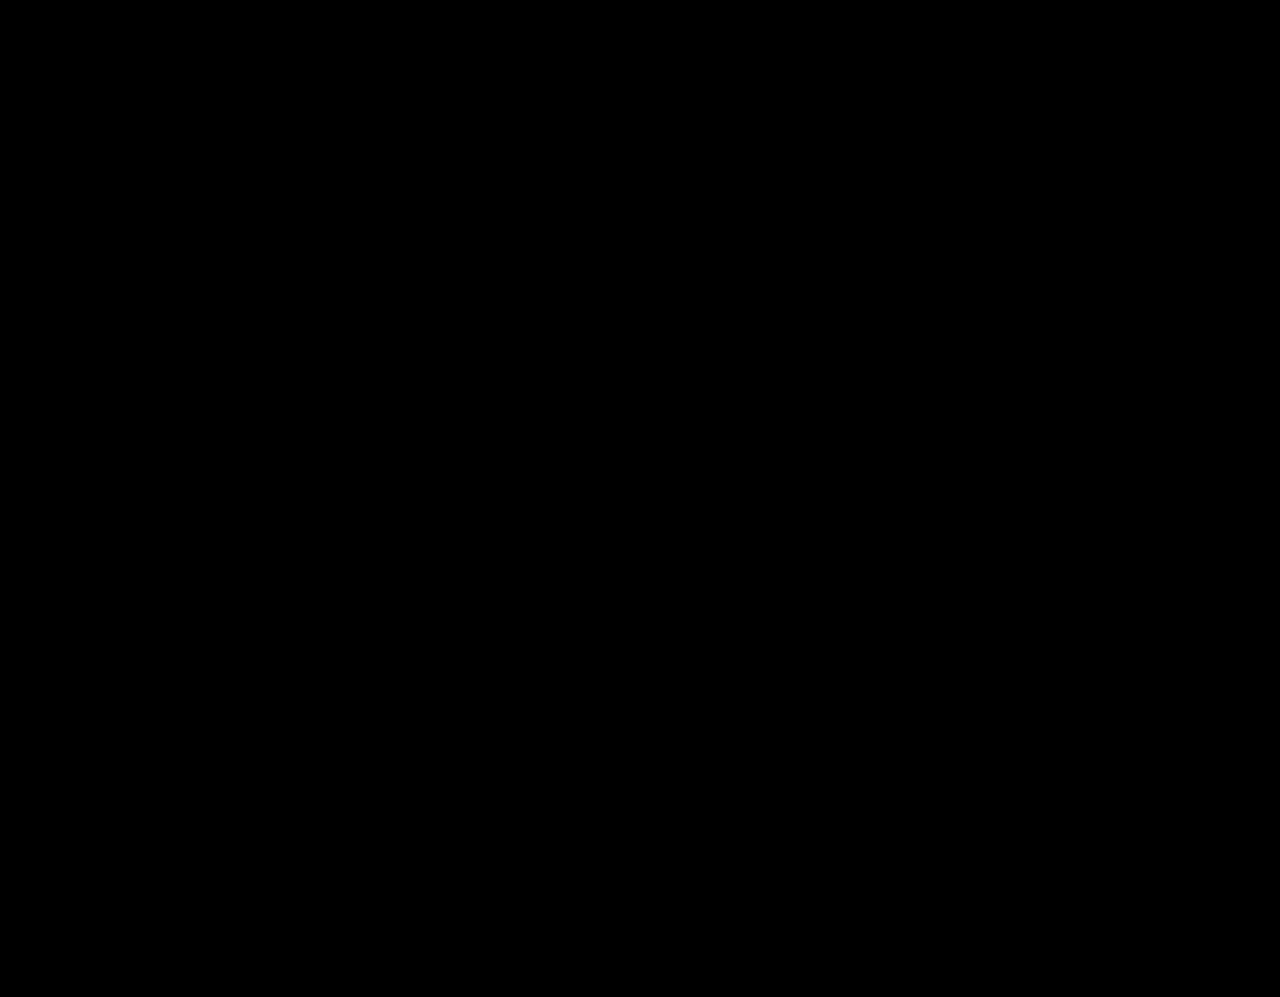 bee-common-widget-bar.row-alt